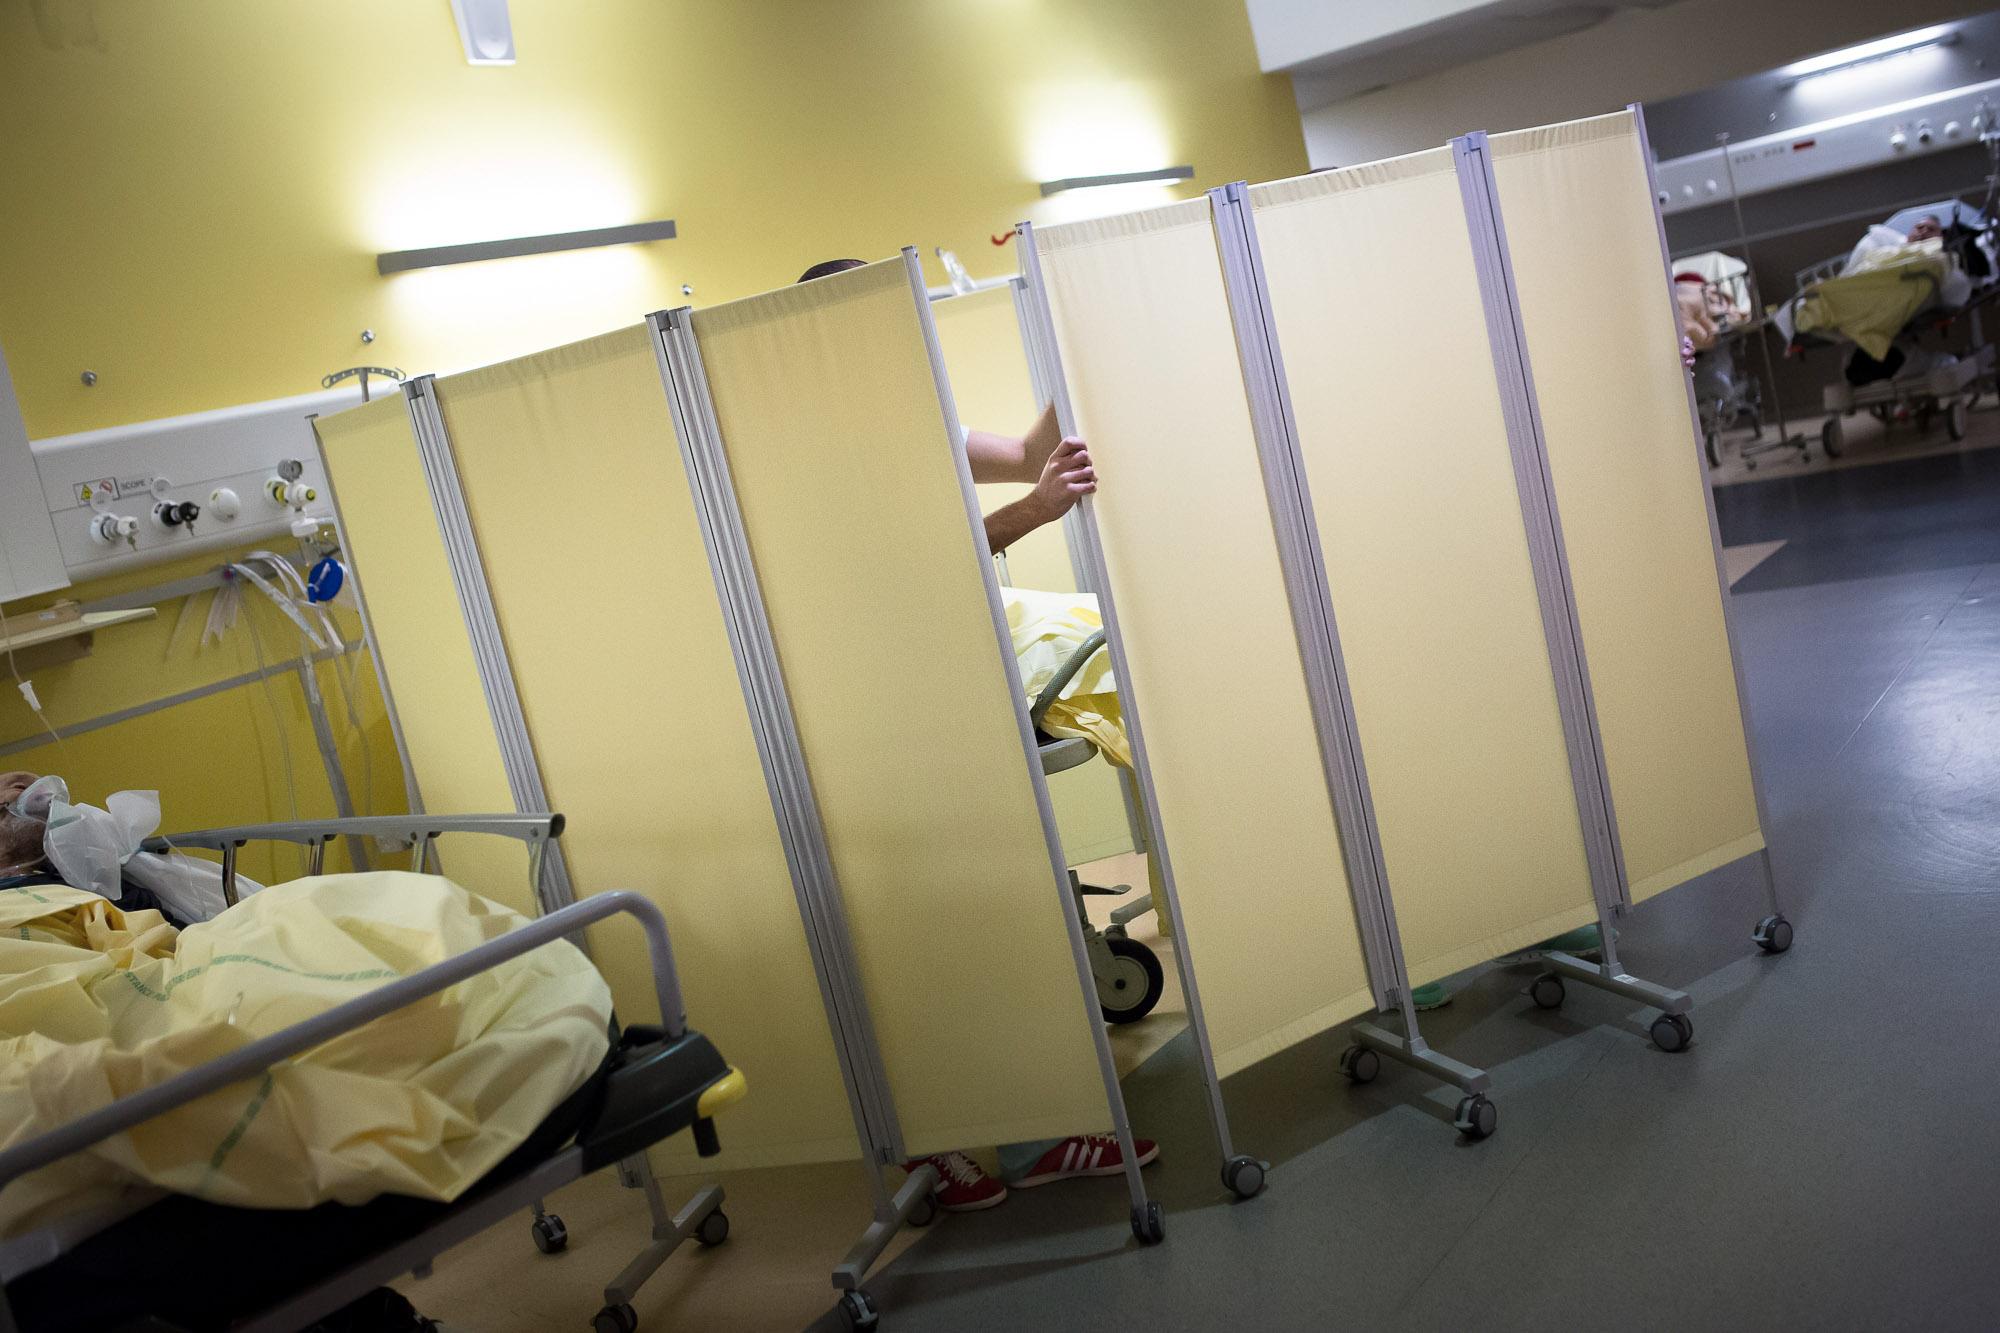 Un aide-soignant installe des paravents autour du lit d'un patie